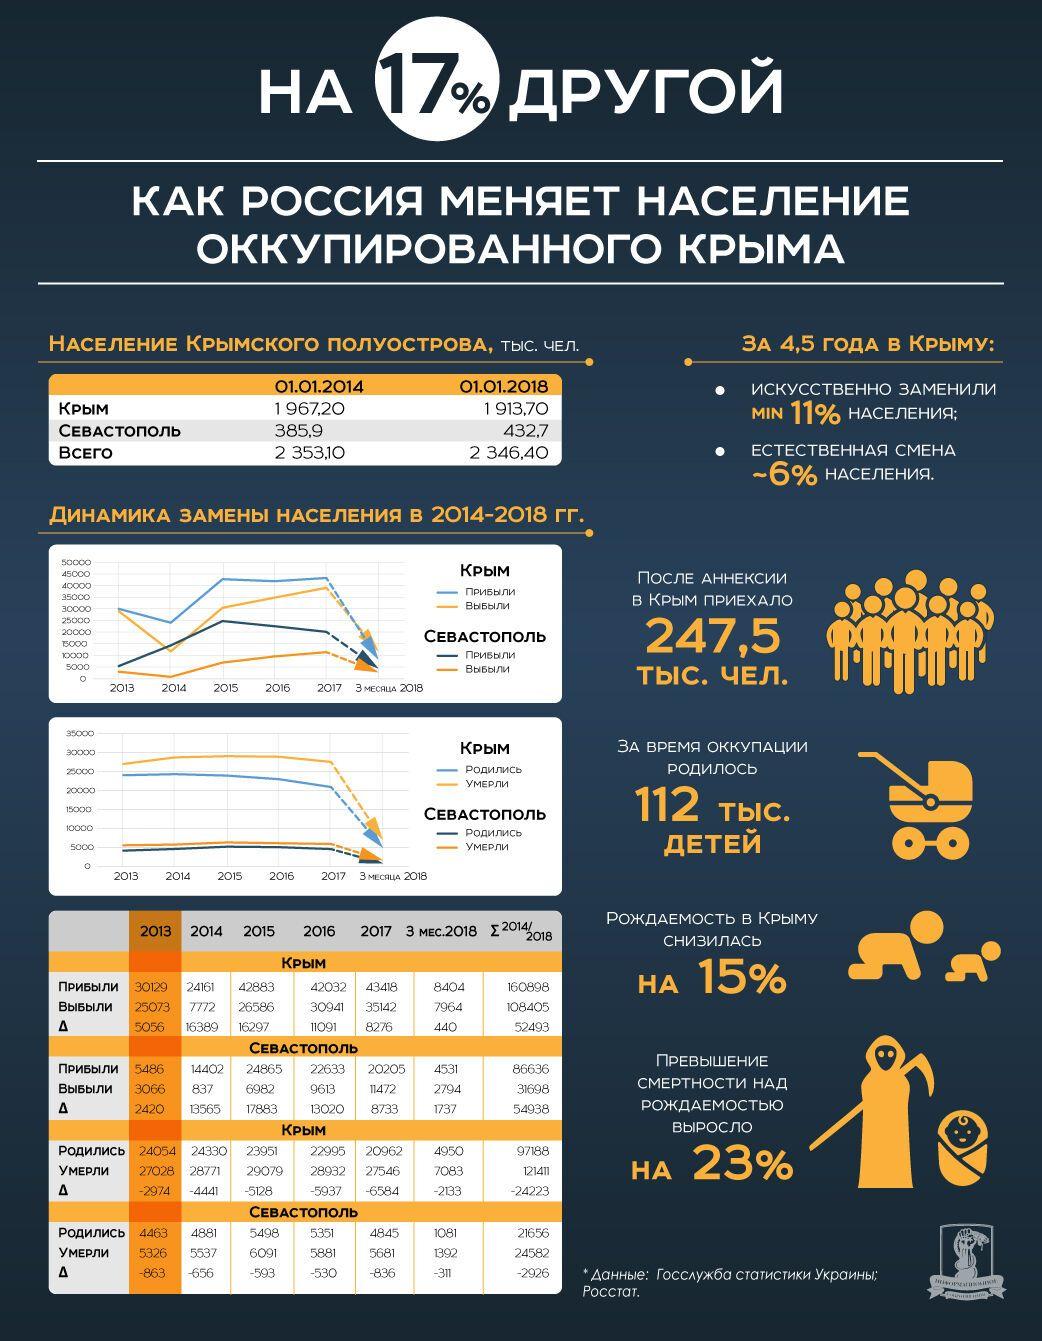 Масштаби переїзду росіян до Криму